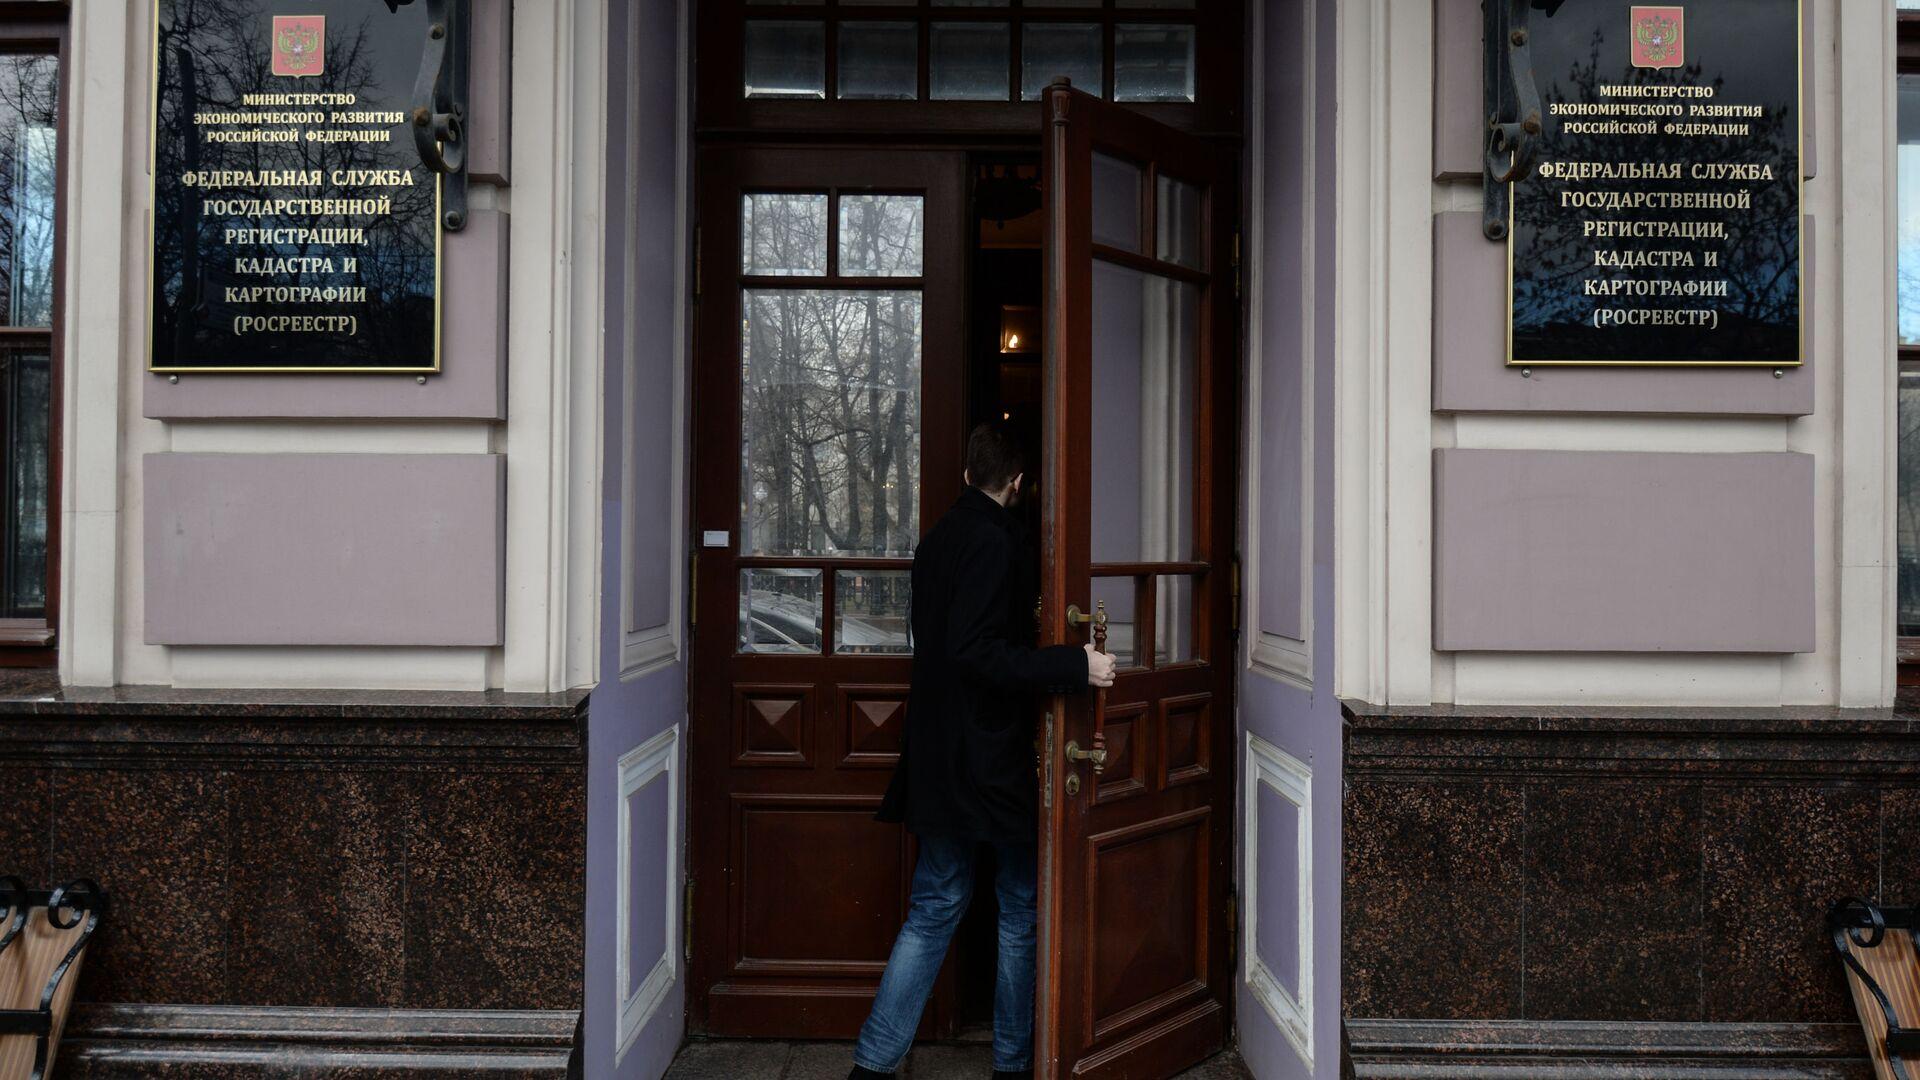 Главный вход в здание Федеральной службы государственной регистрации, кадастра и картографии (Росреестра) в Москве - РИА Новости, 1920, 02.09.2020